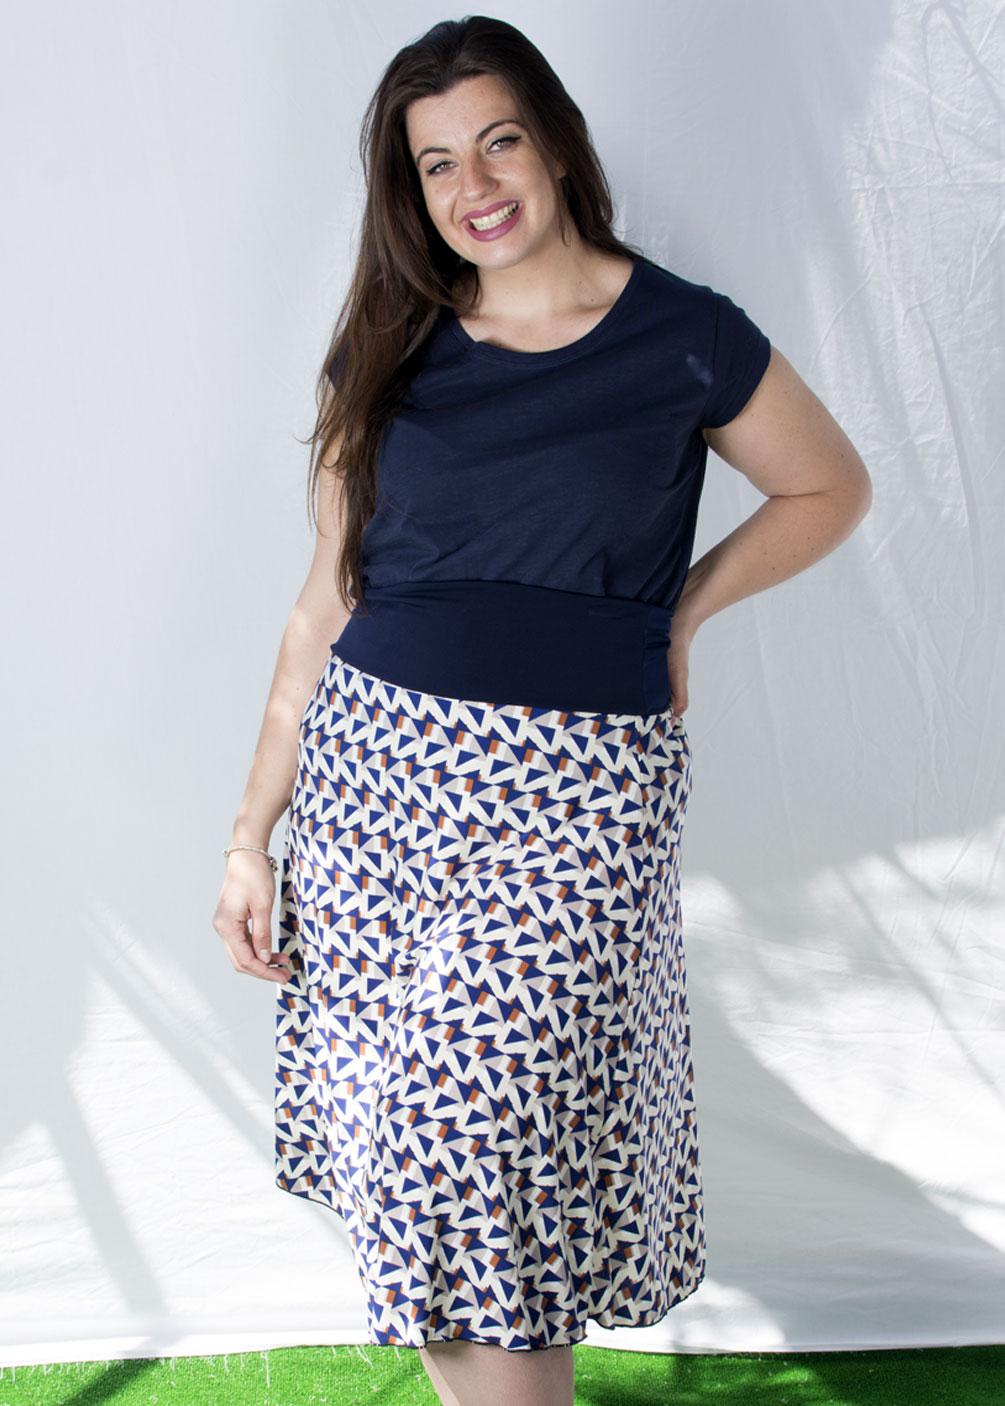 Falda Midi estampado geomtrico elastica adaptable tallas grandes curvy casual outfit